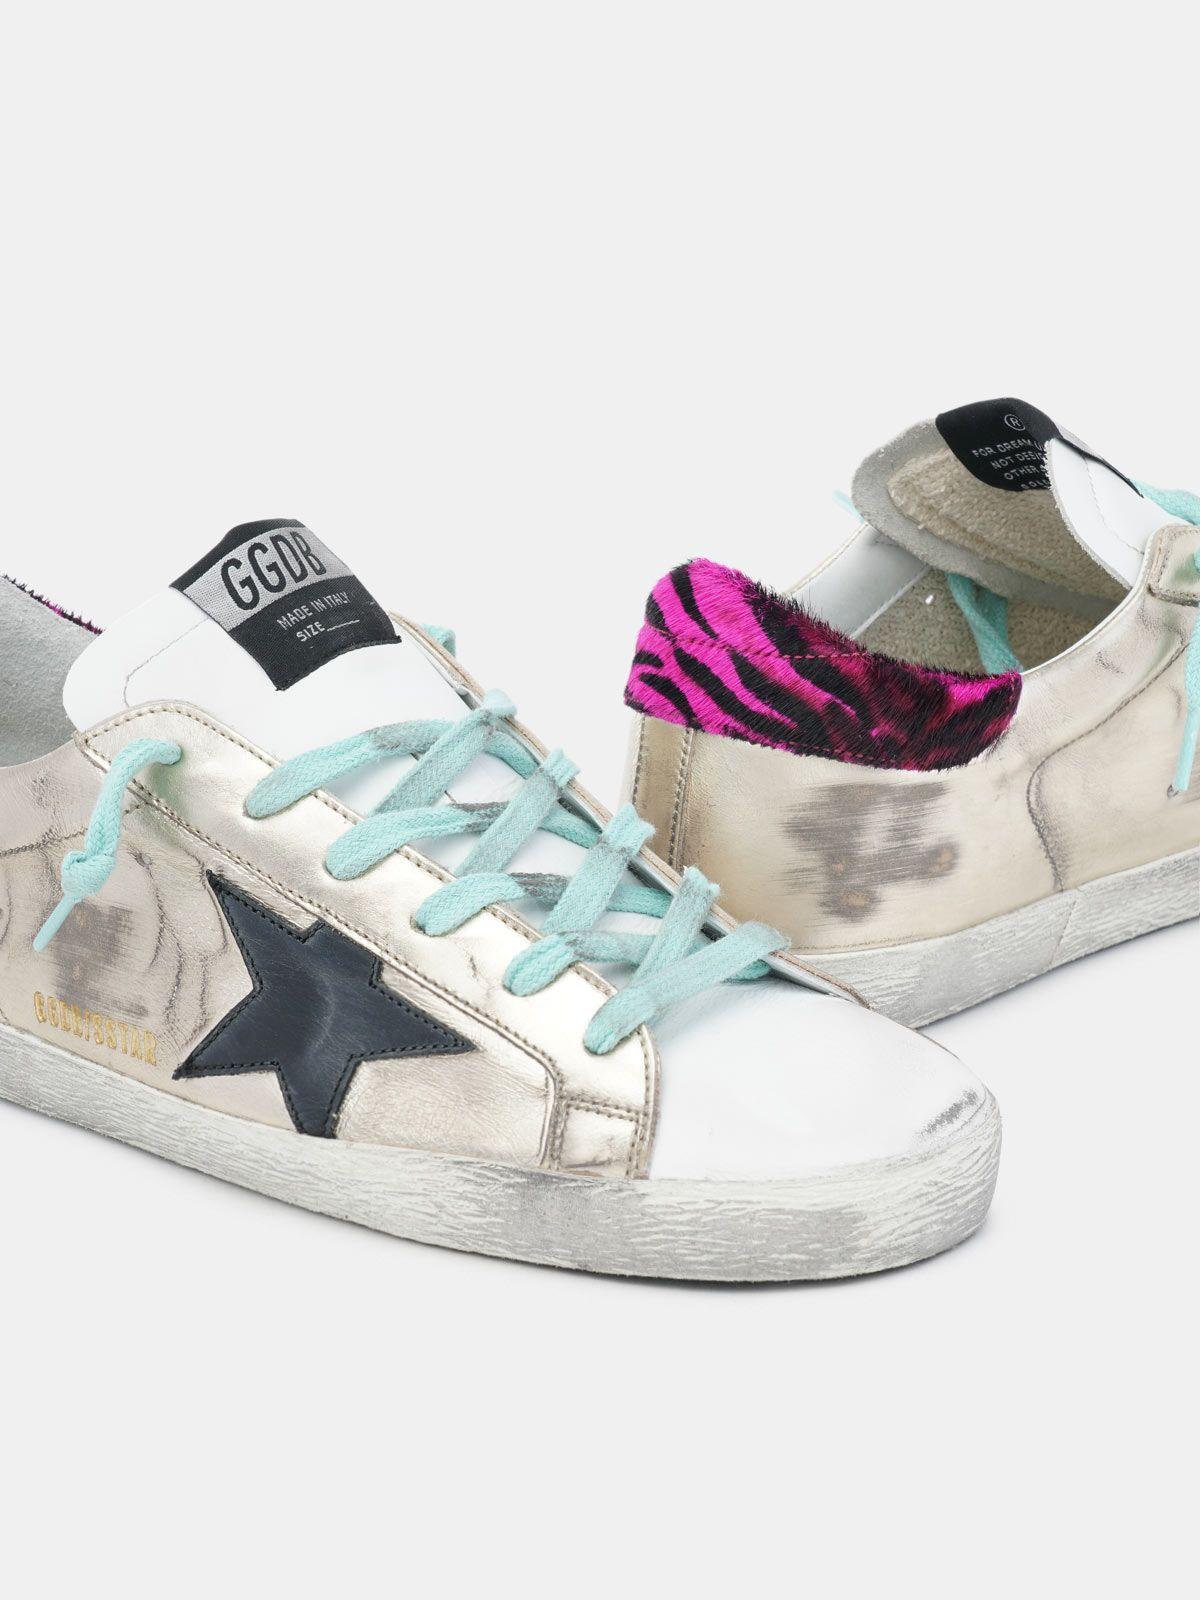 Golden Goose - Gold Super-Star sneakers with zebra-print heel tab in